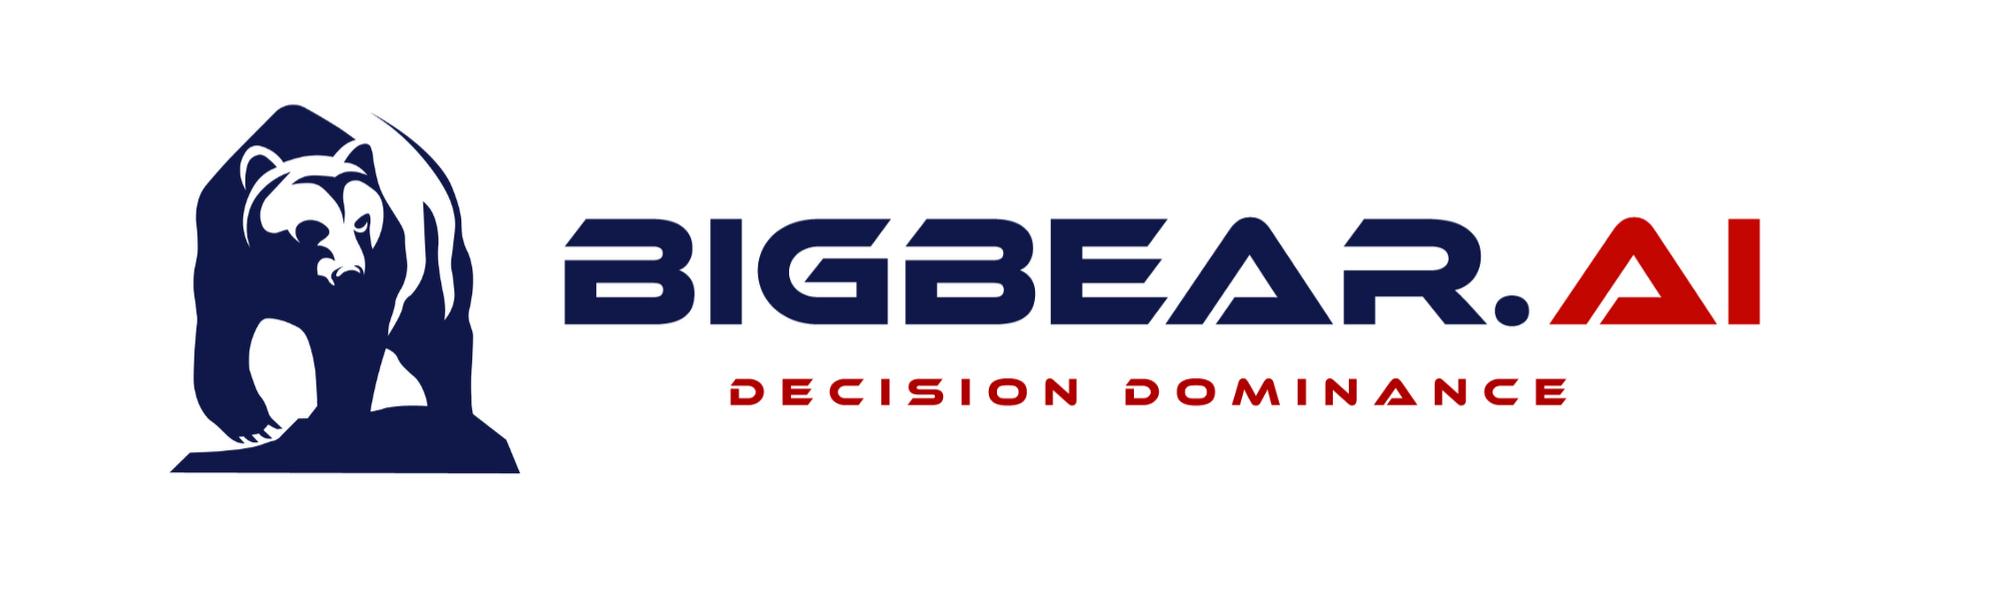 bigbearai header logo